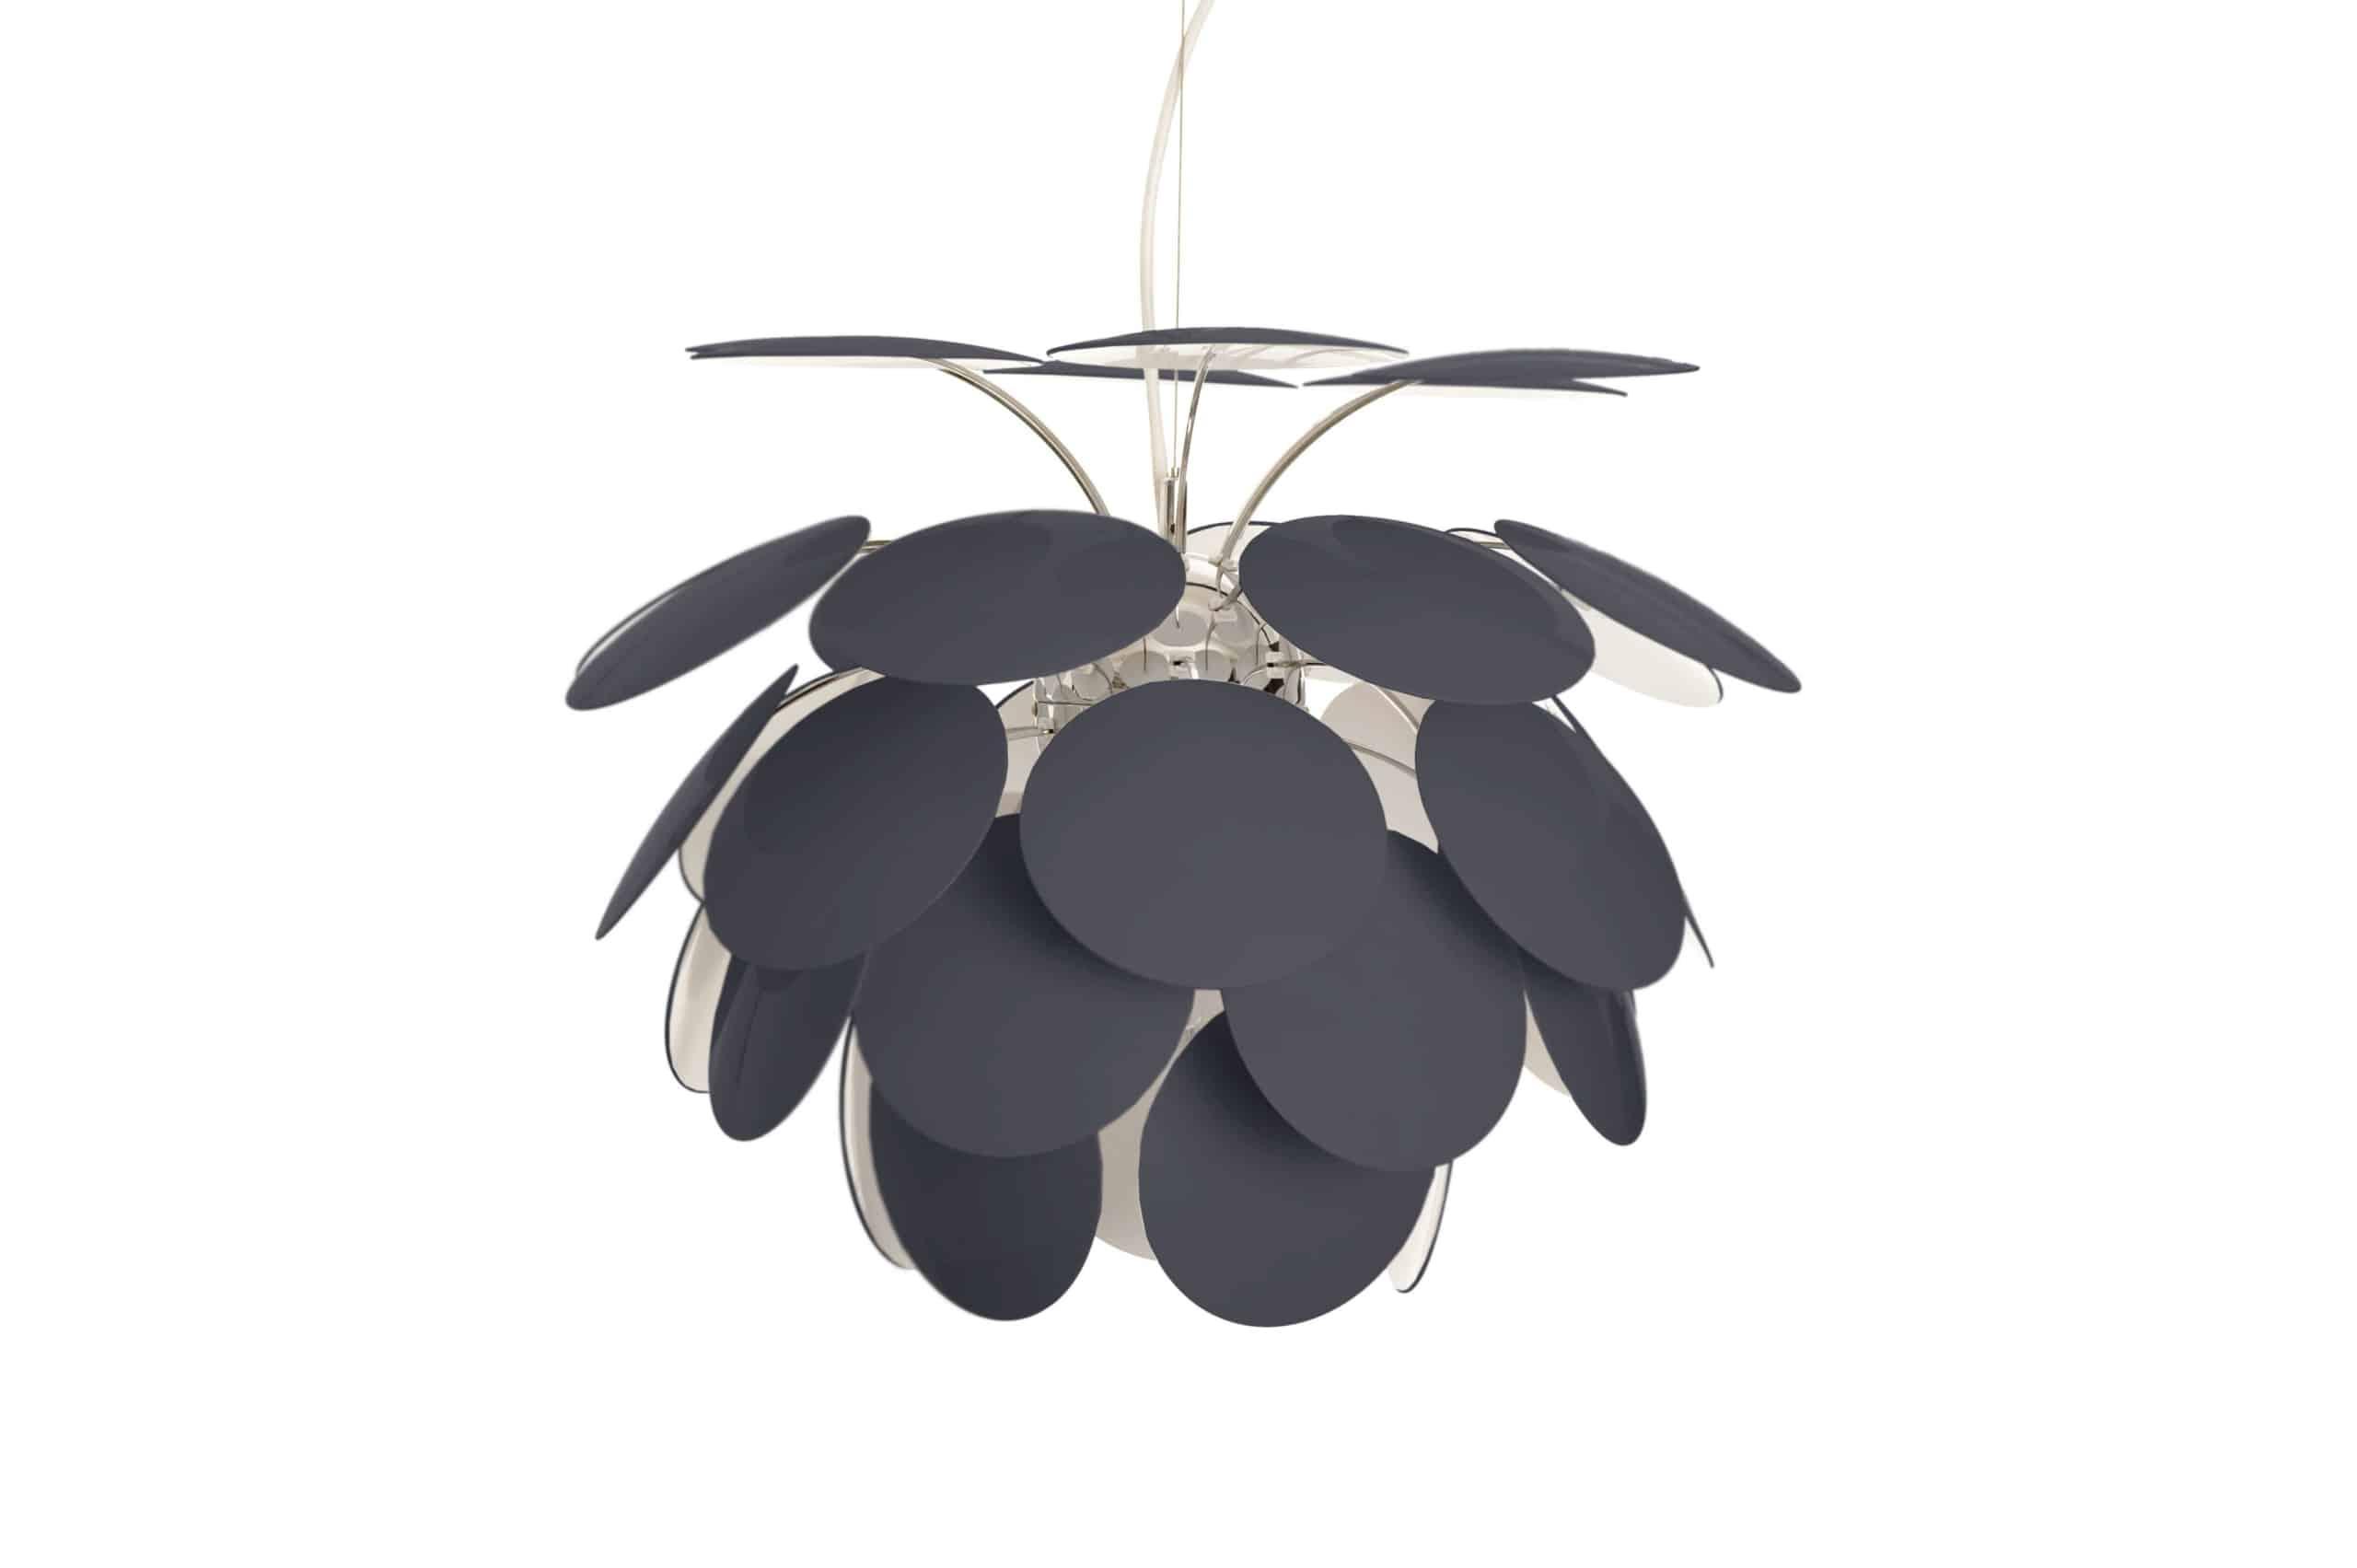 Discoco er designet af Christophe Mathieu. Lampen skaber en elegant og hemmelighedsfuld atmosfære. Pendlen består af 35 skiver